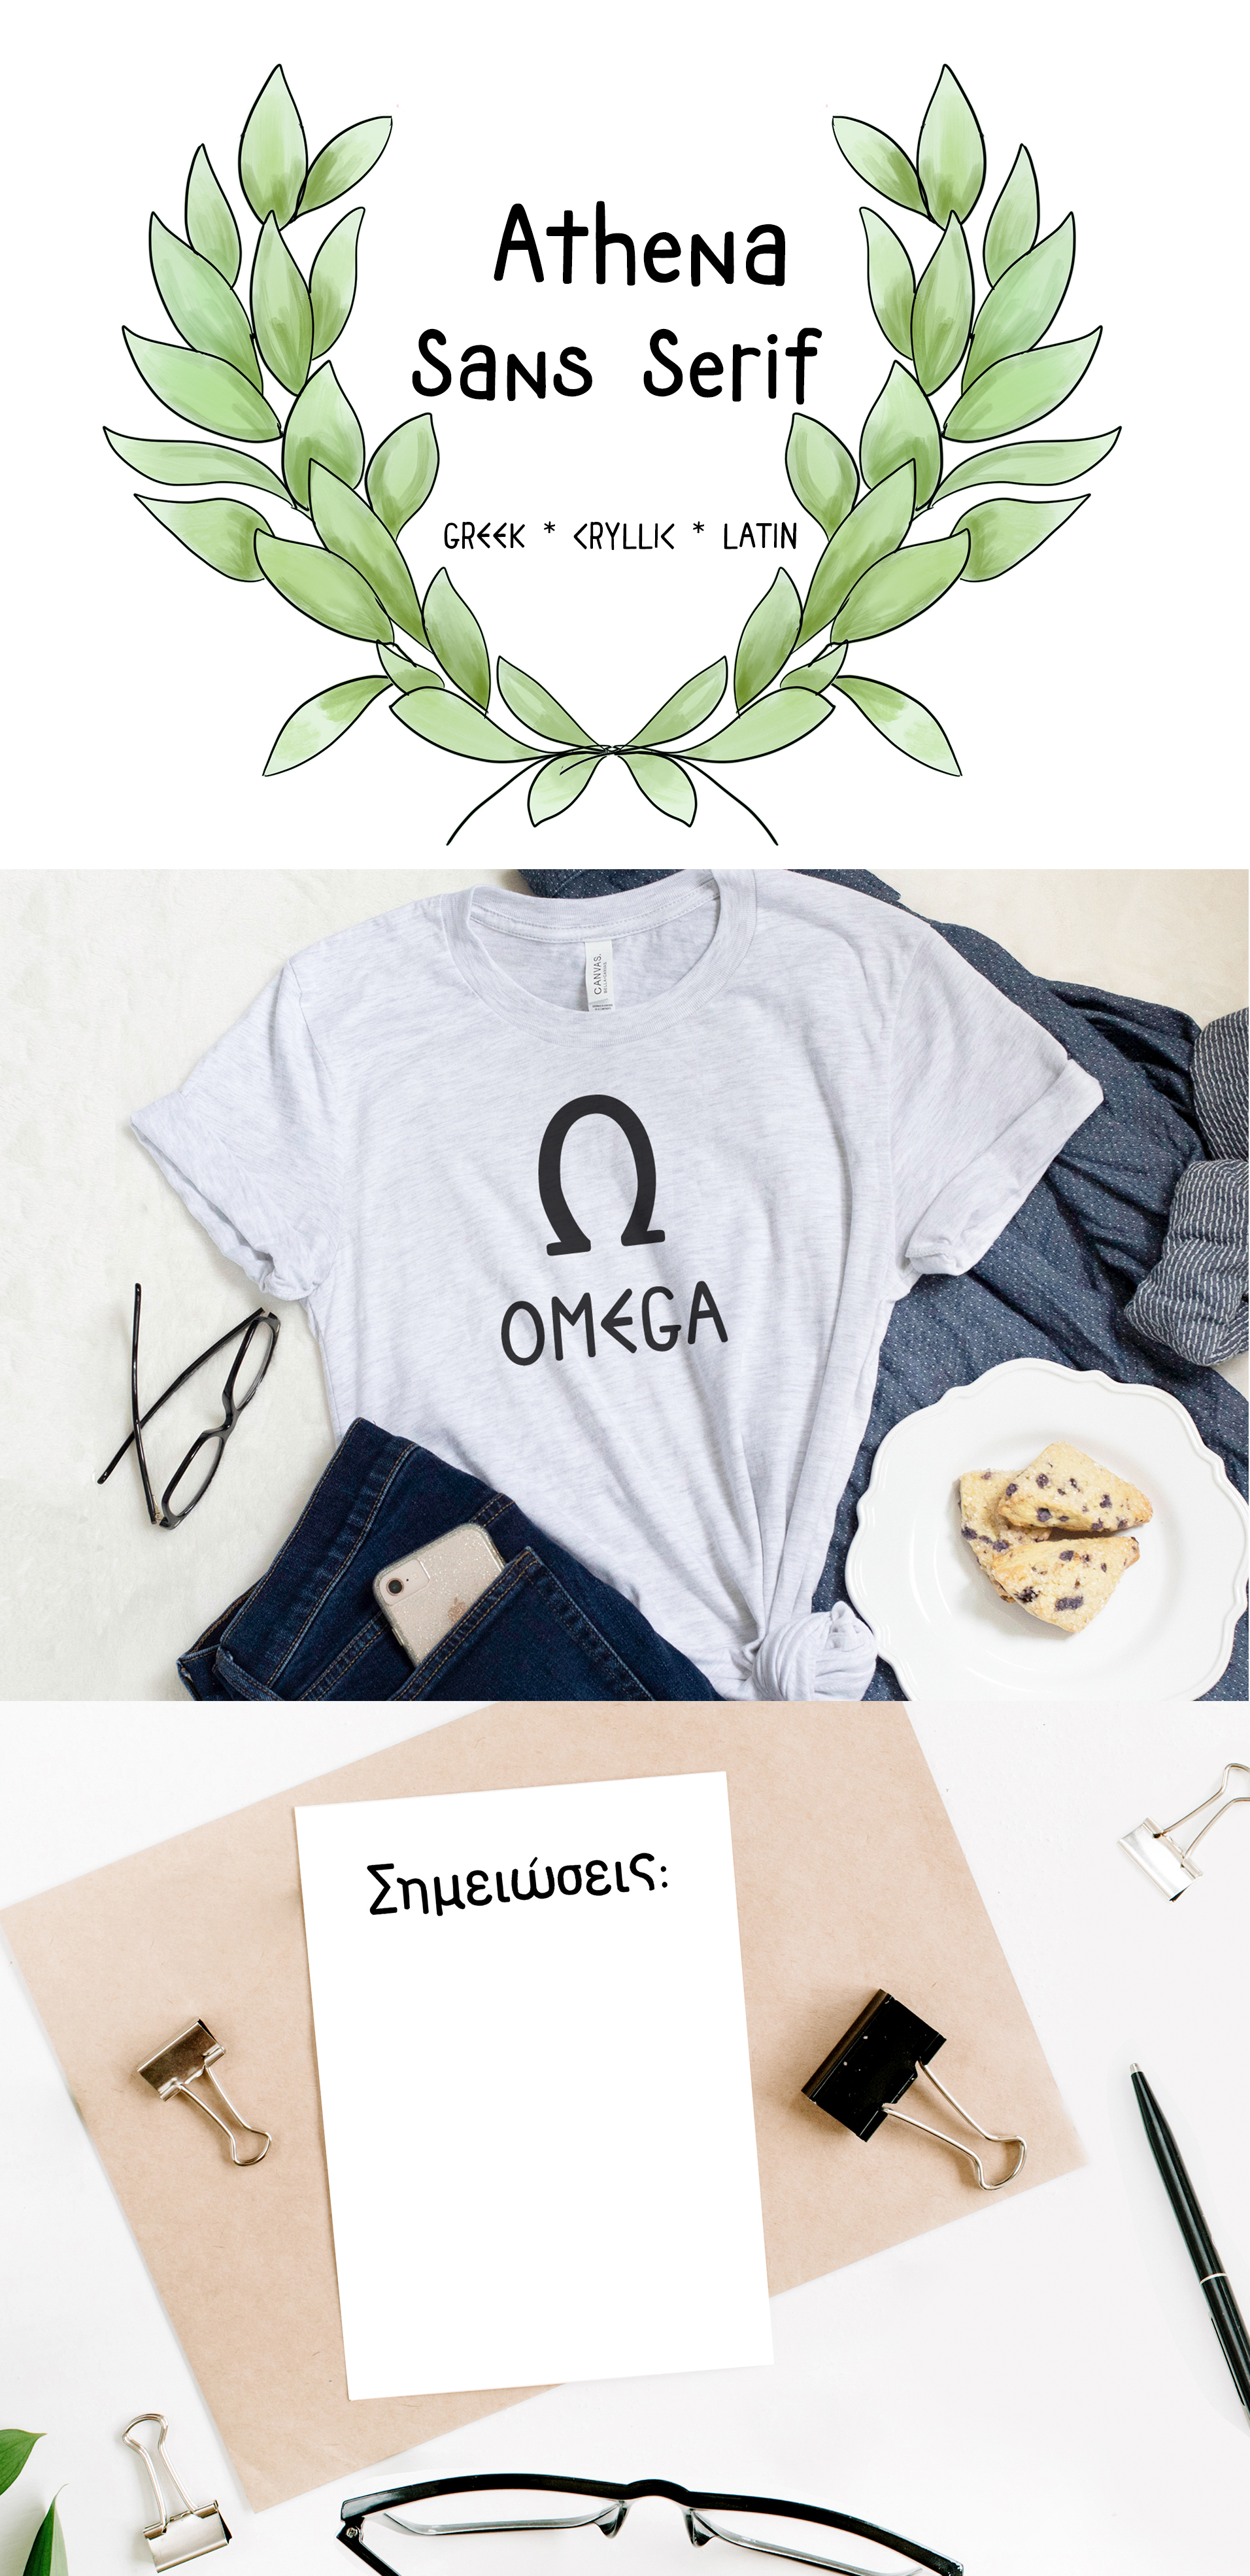 ATHENA SANS SERIF FONT - Greek, Cyrillic and Latin Typeface example image 7